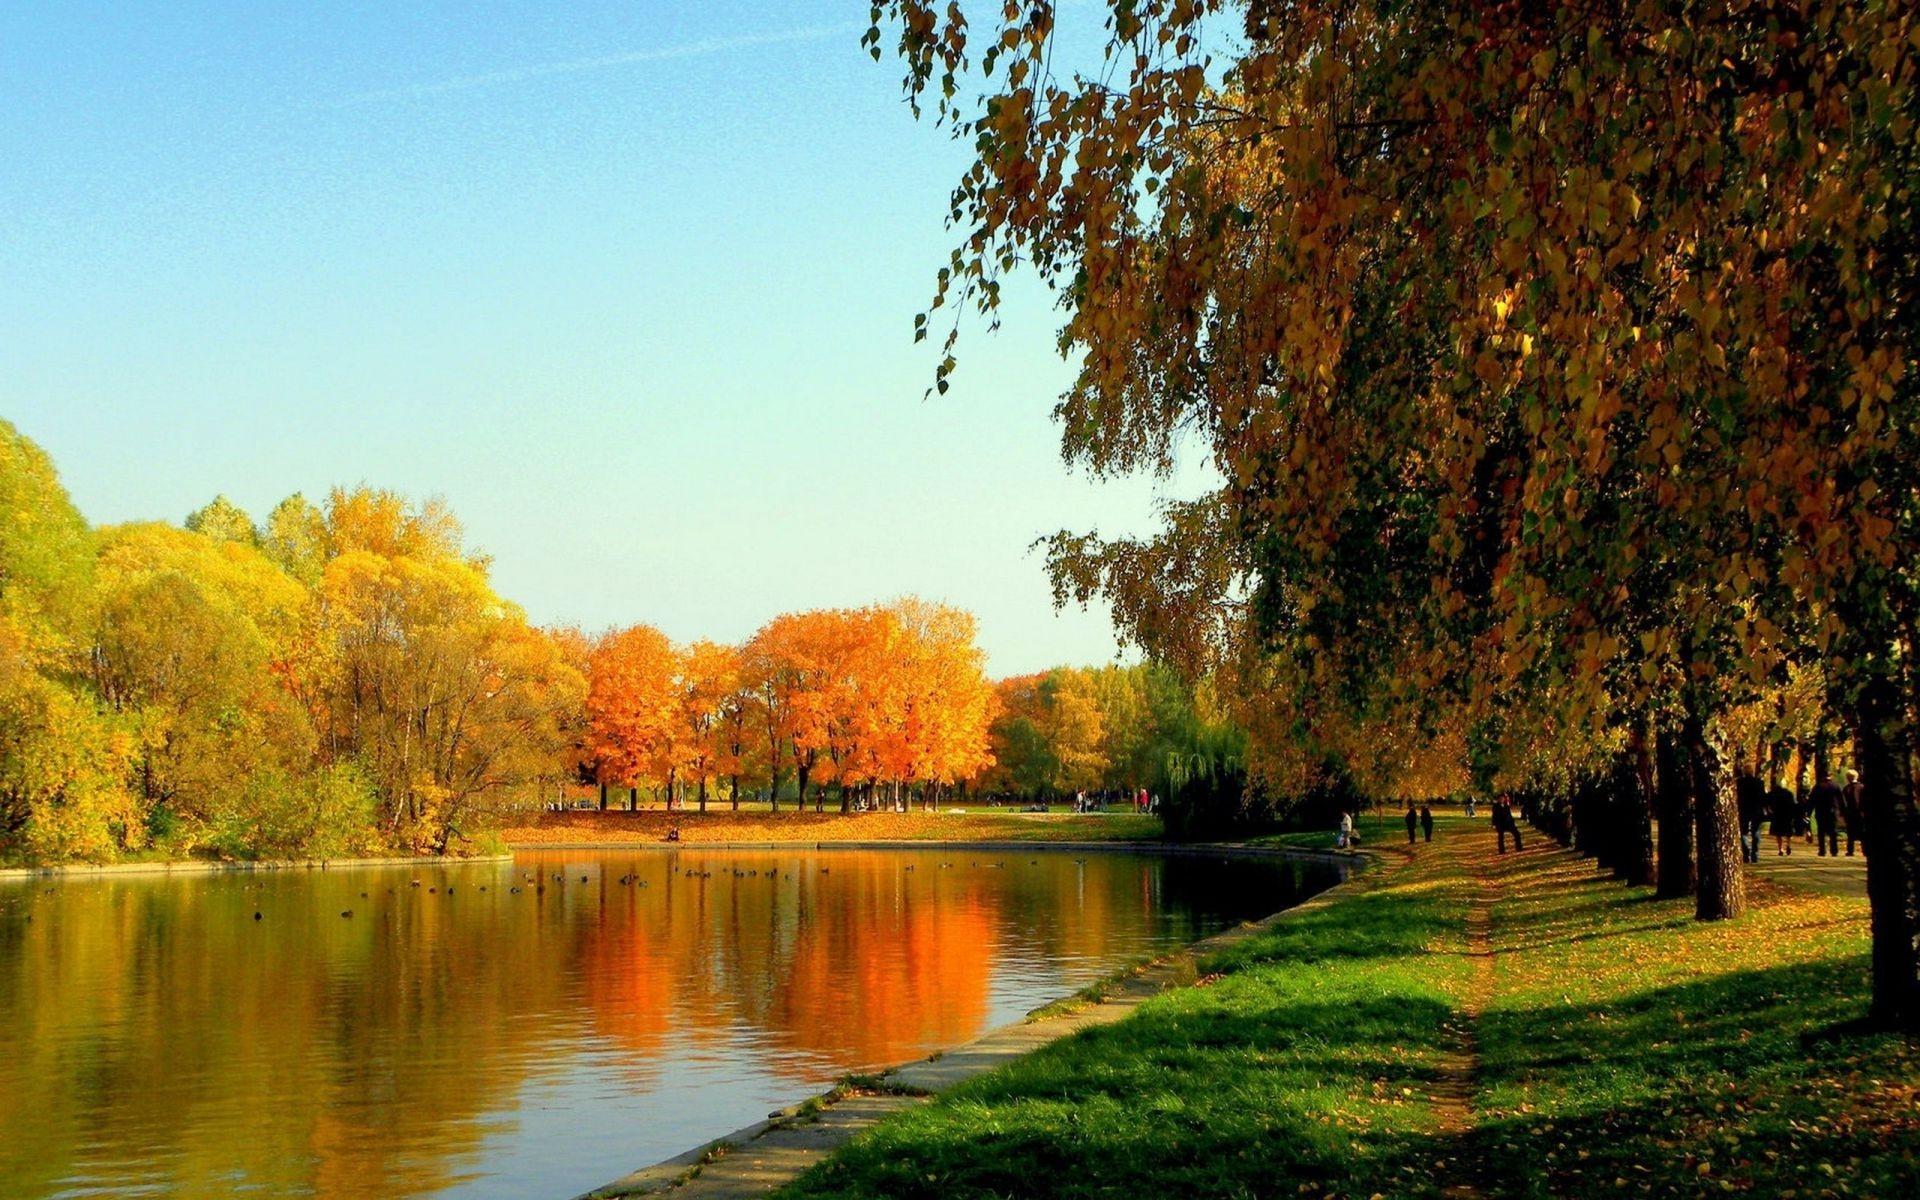 Осень в парке обои для рабочего стола004